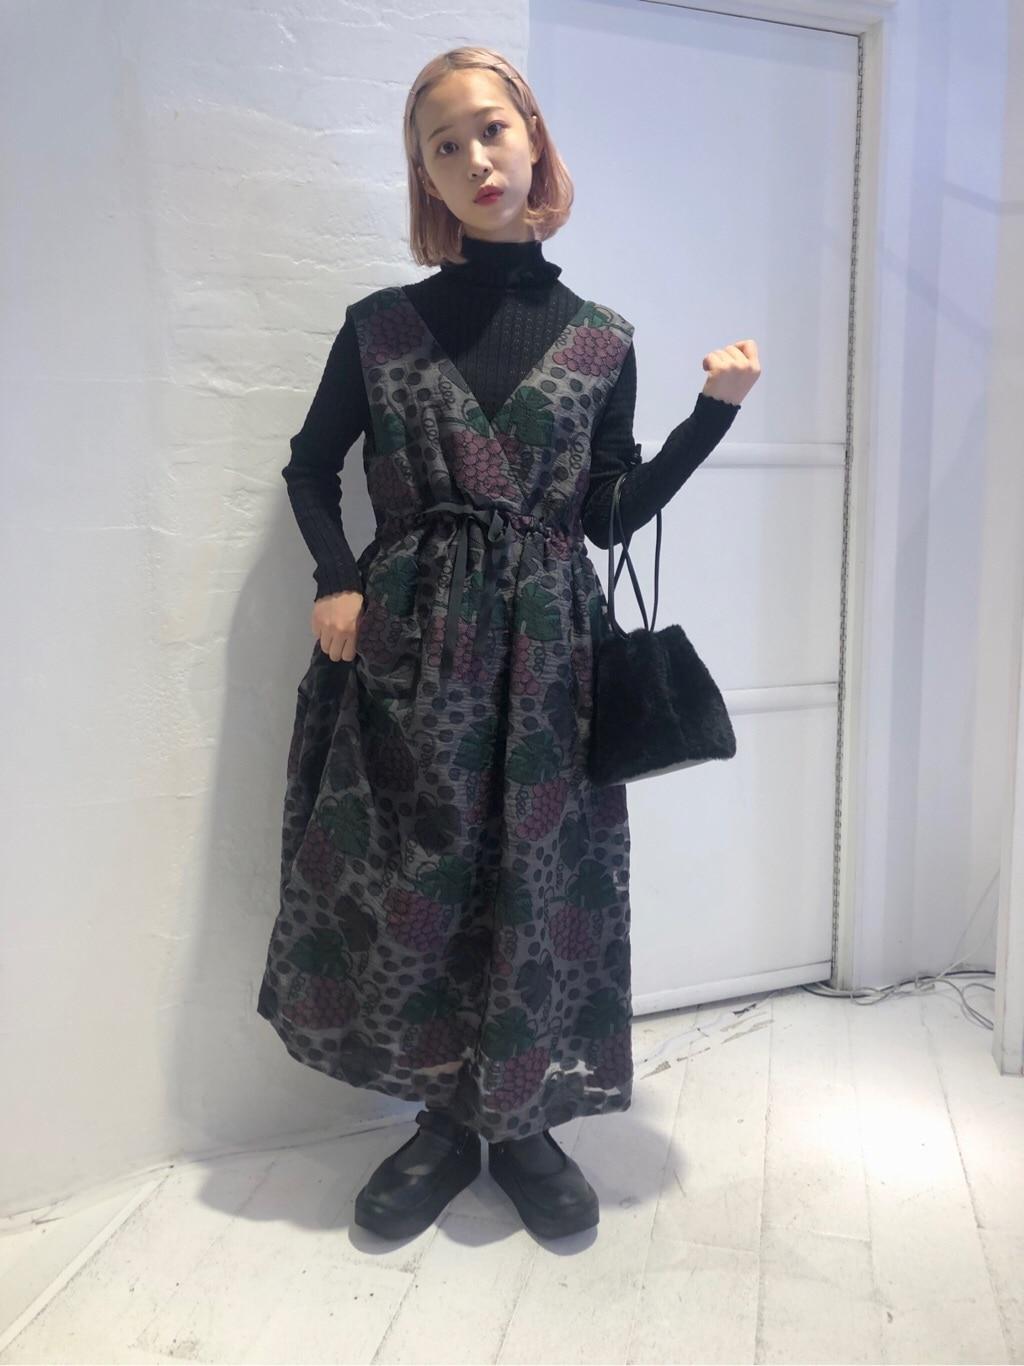 l'atelier du savon ラフォーレ原宿 身長:159cm 2019.10.15